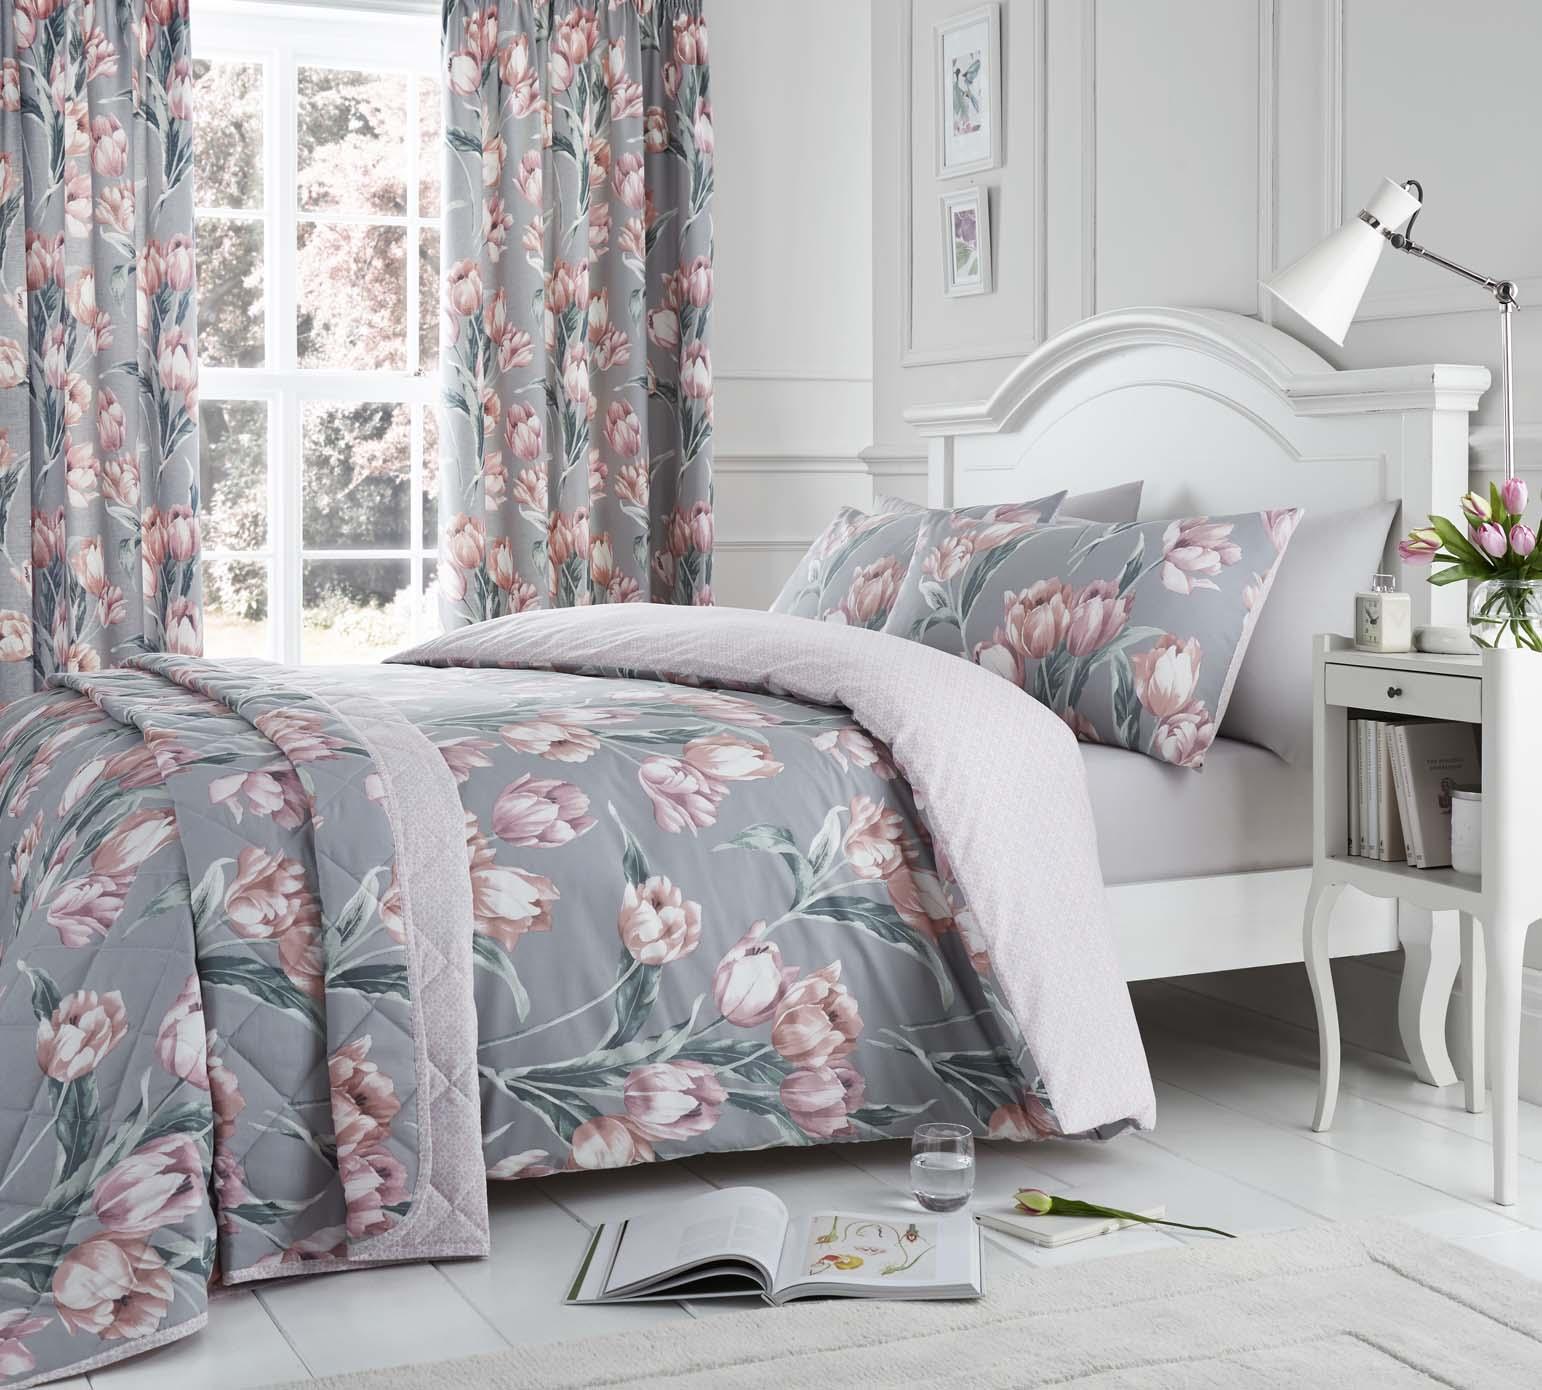 traditionnel-TULIPE-impression-florale-Housse-de-couette-et-taie-d-039-oreiller-Set